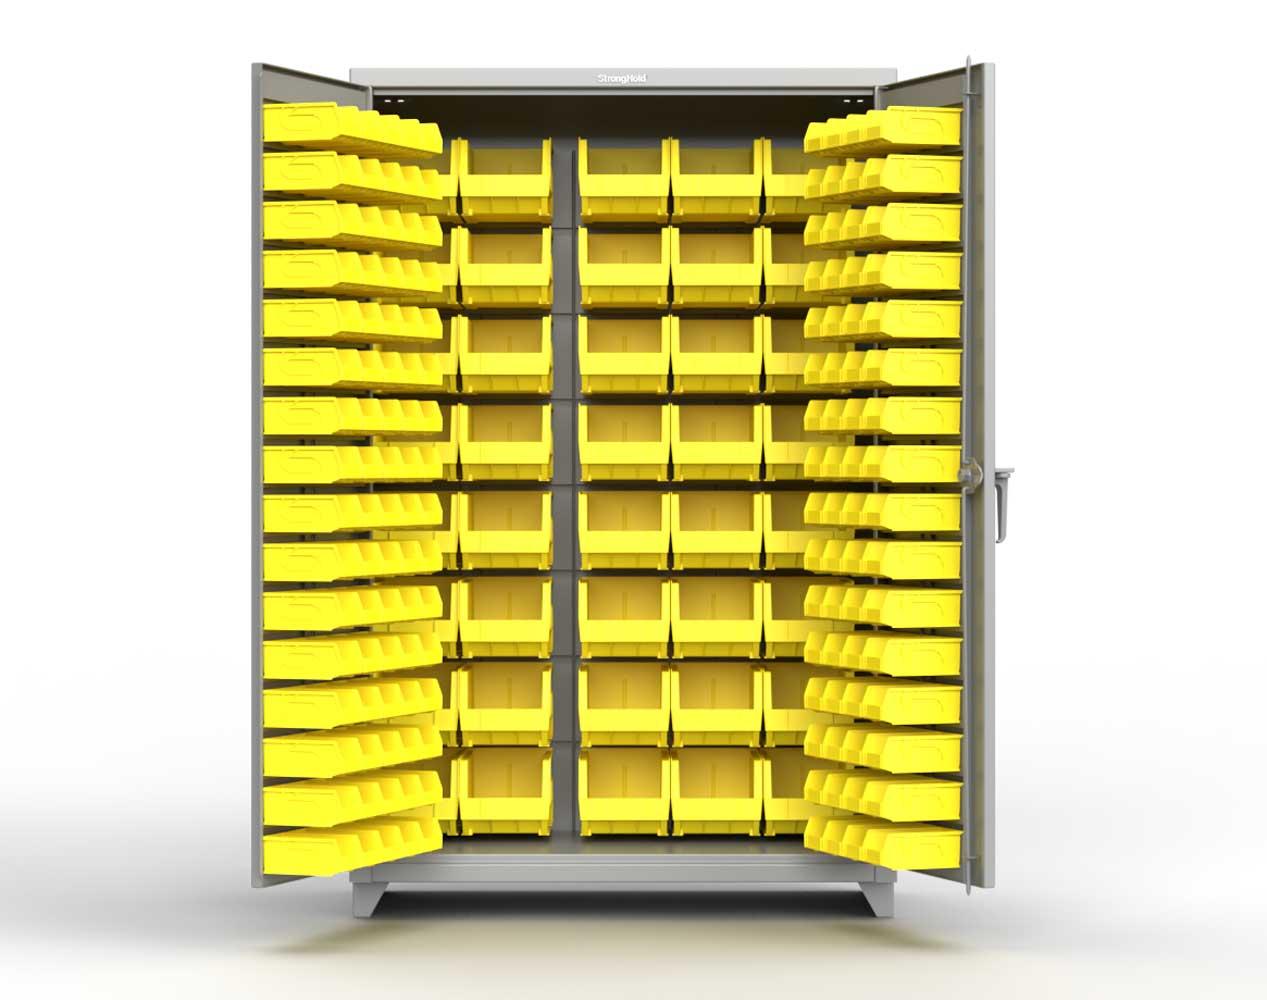 Extra Heavy Duty 14 GA All Bin Cabinet – 36 In. W x 24 In. D x 75 In. H